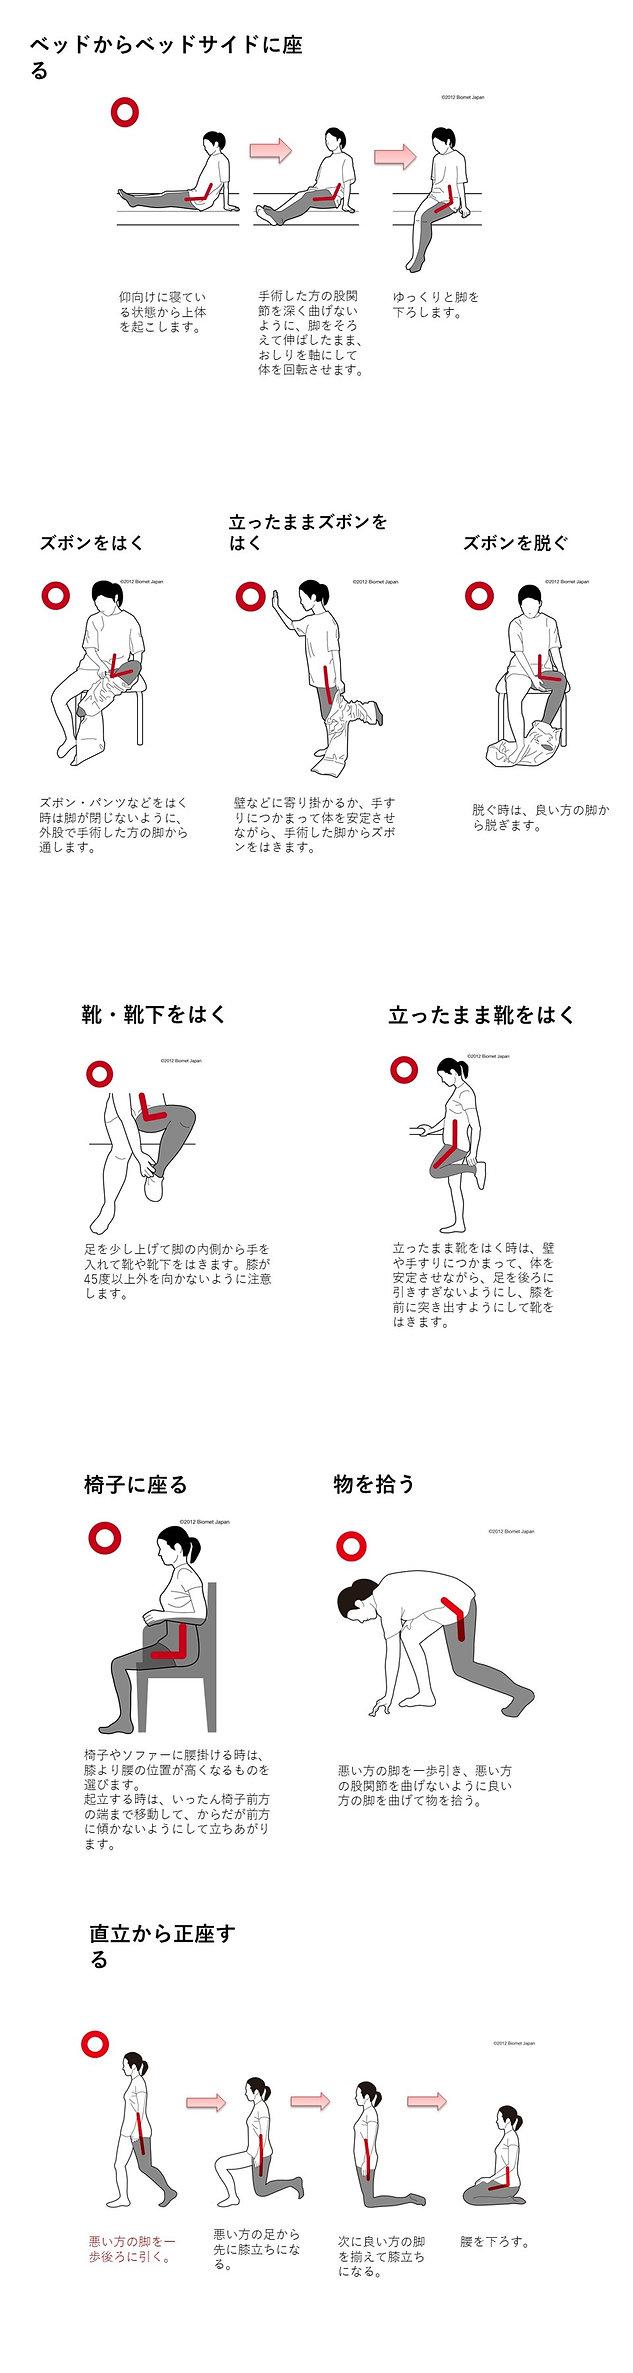 日常生活動作1.jpg